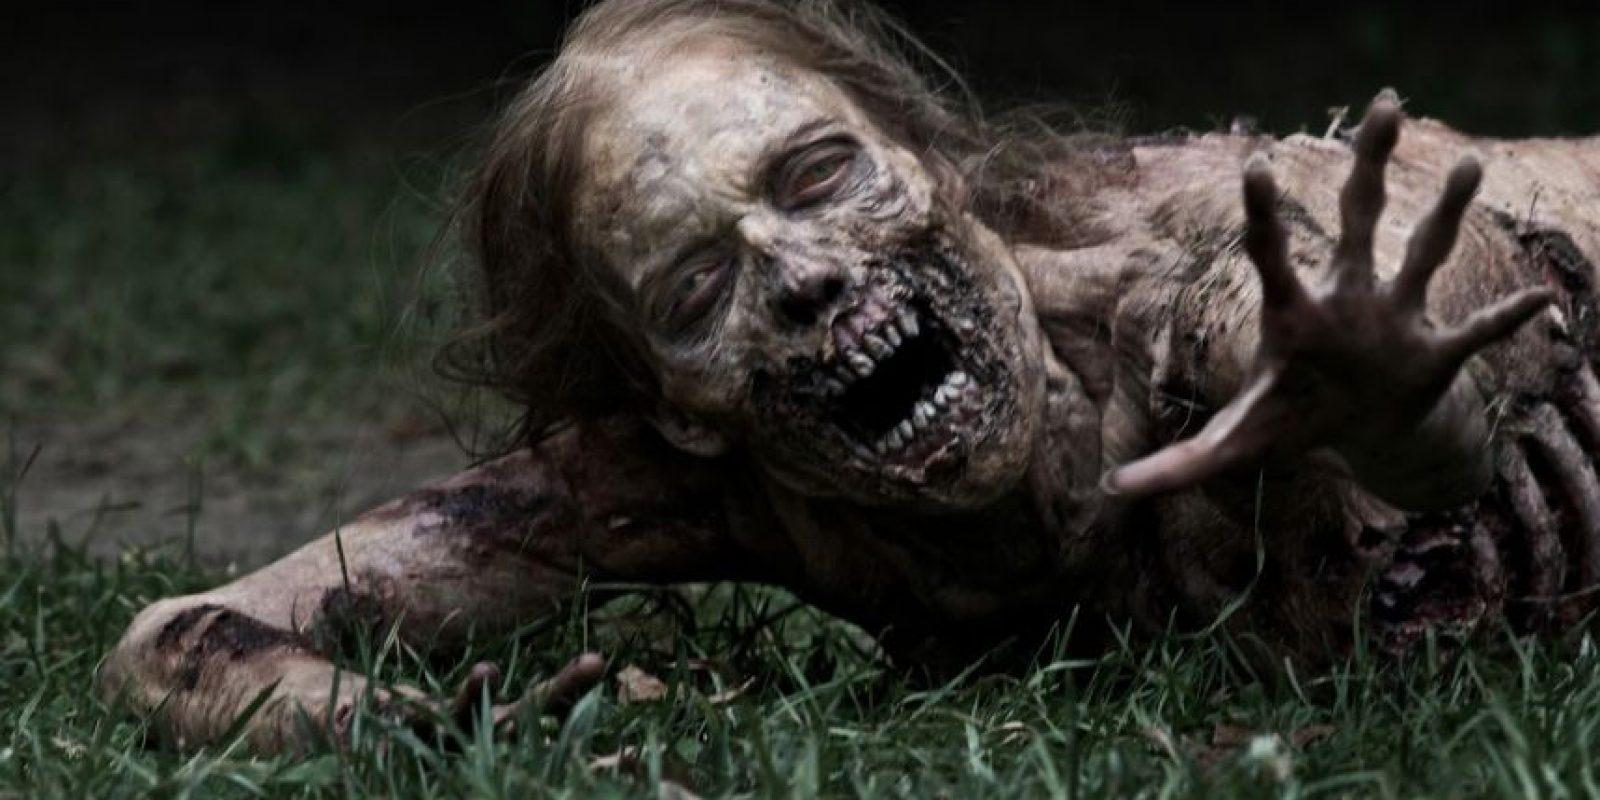 """La serie de zombies, más exitosa del canal """"AMC"""", puso a los seres infectados en el mapa, convirtiéndose en uno de los temas favoritos para películas y demás."""